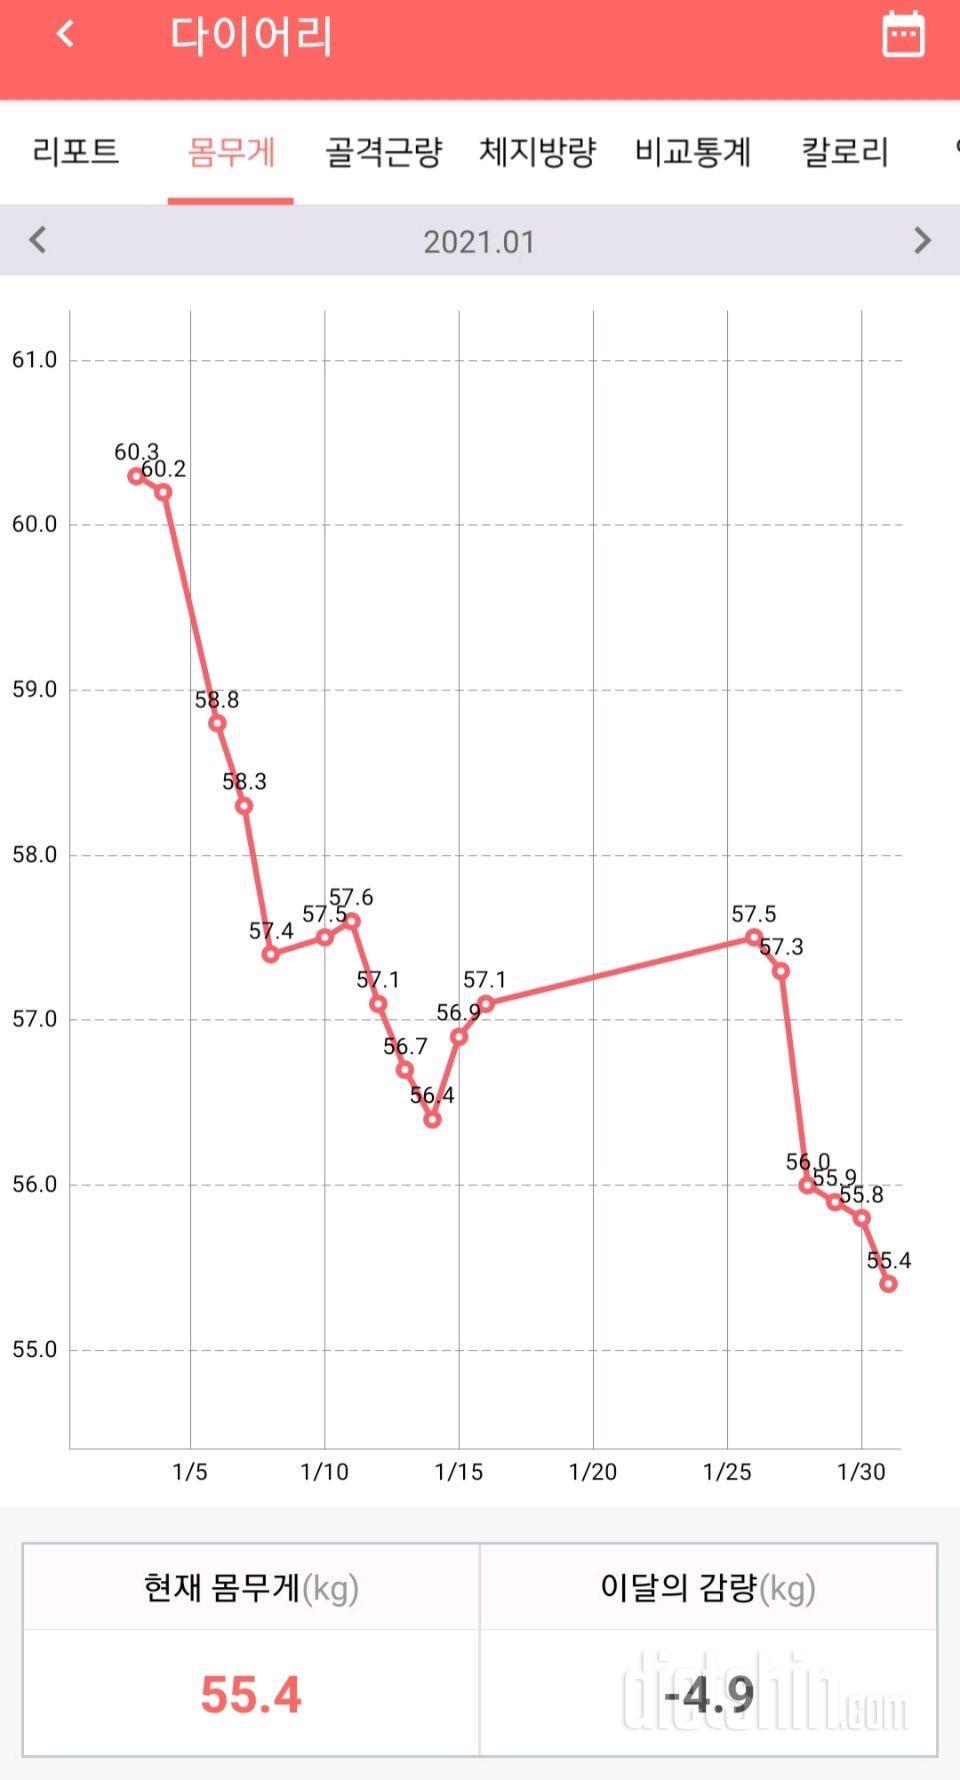 1월 한달 -4.9kg 감량(60.3->55.4)